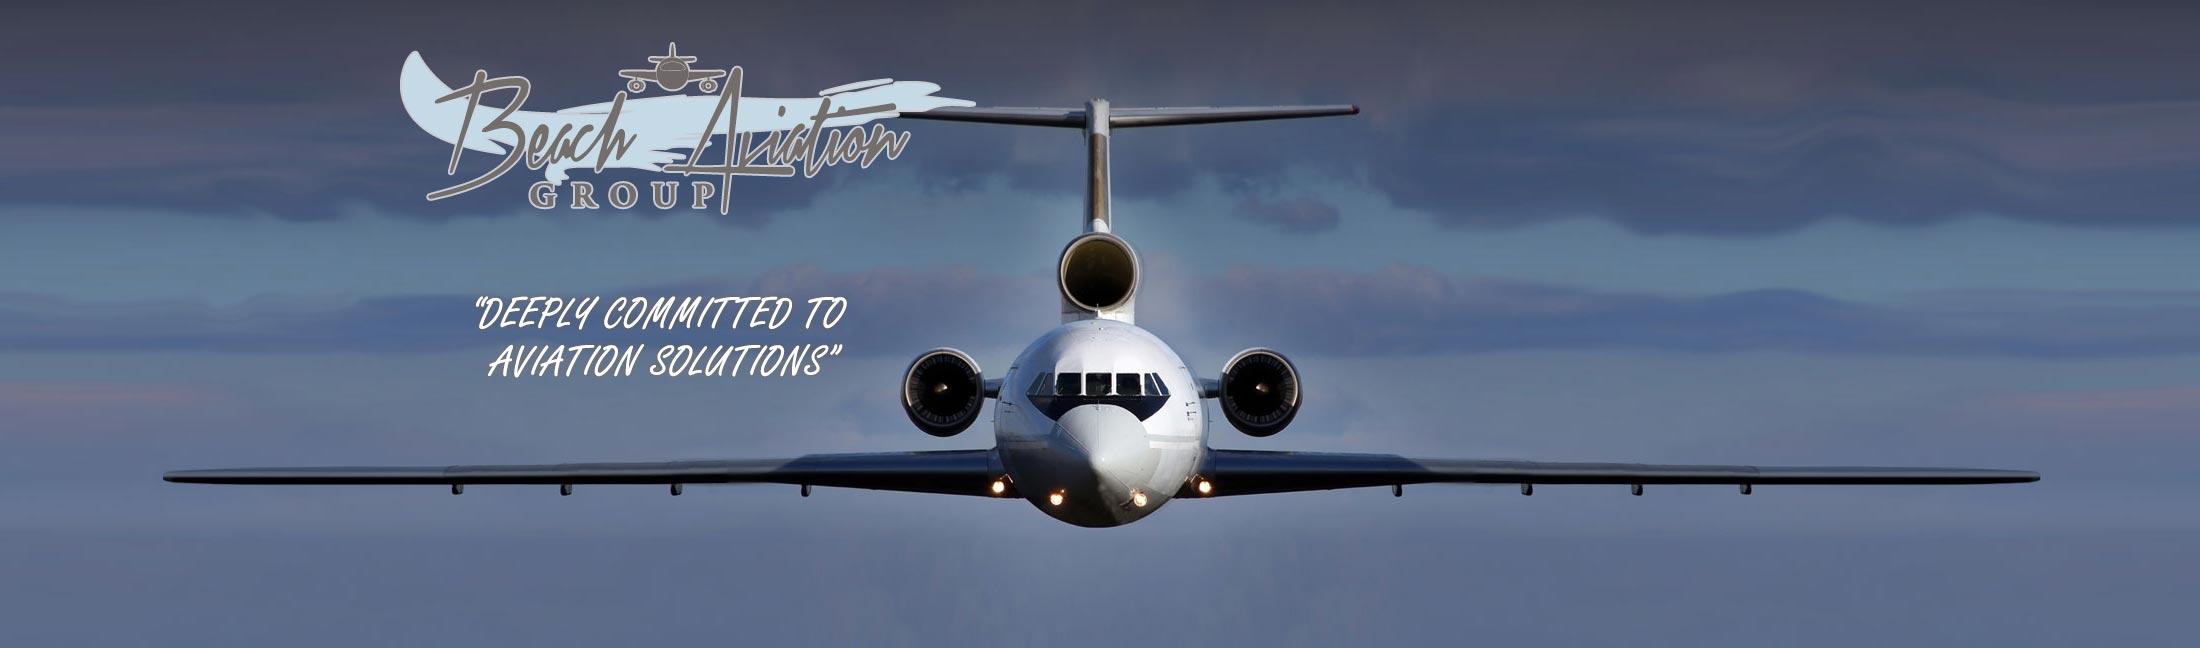 AircraftAirframeComponentsslide4a